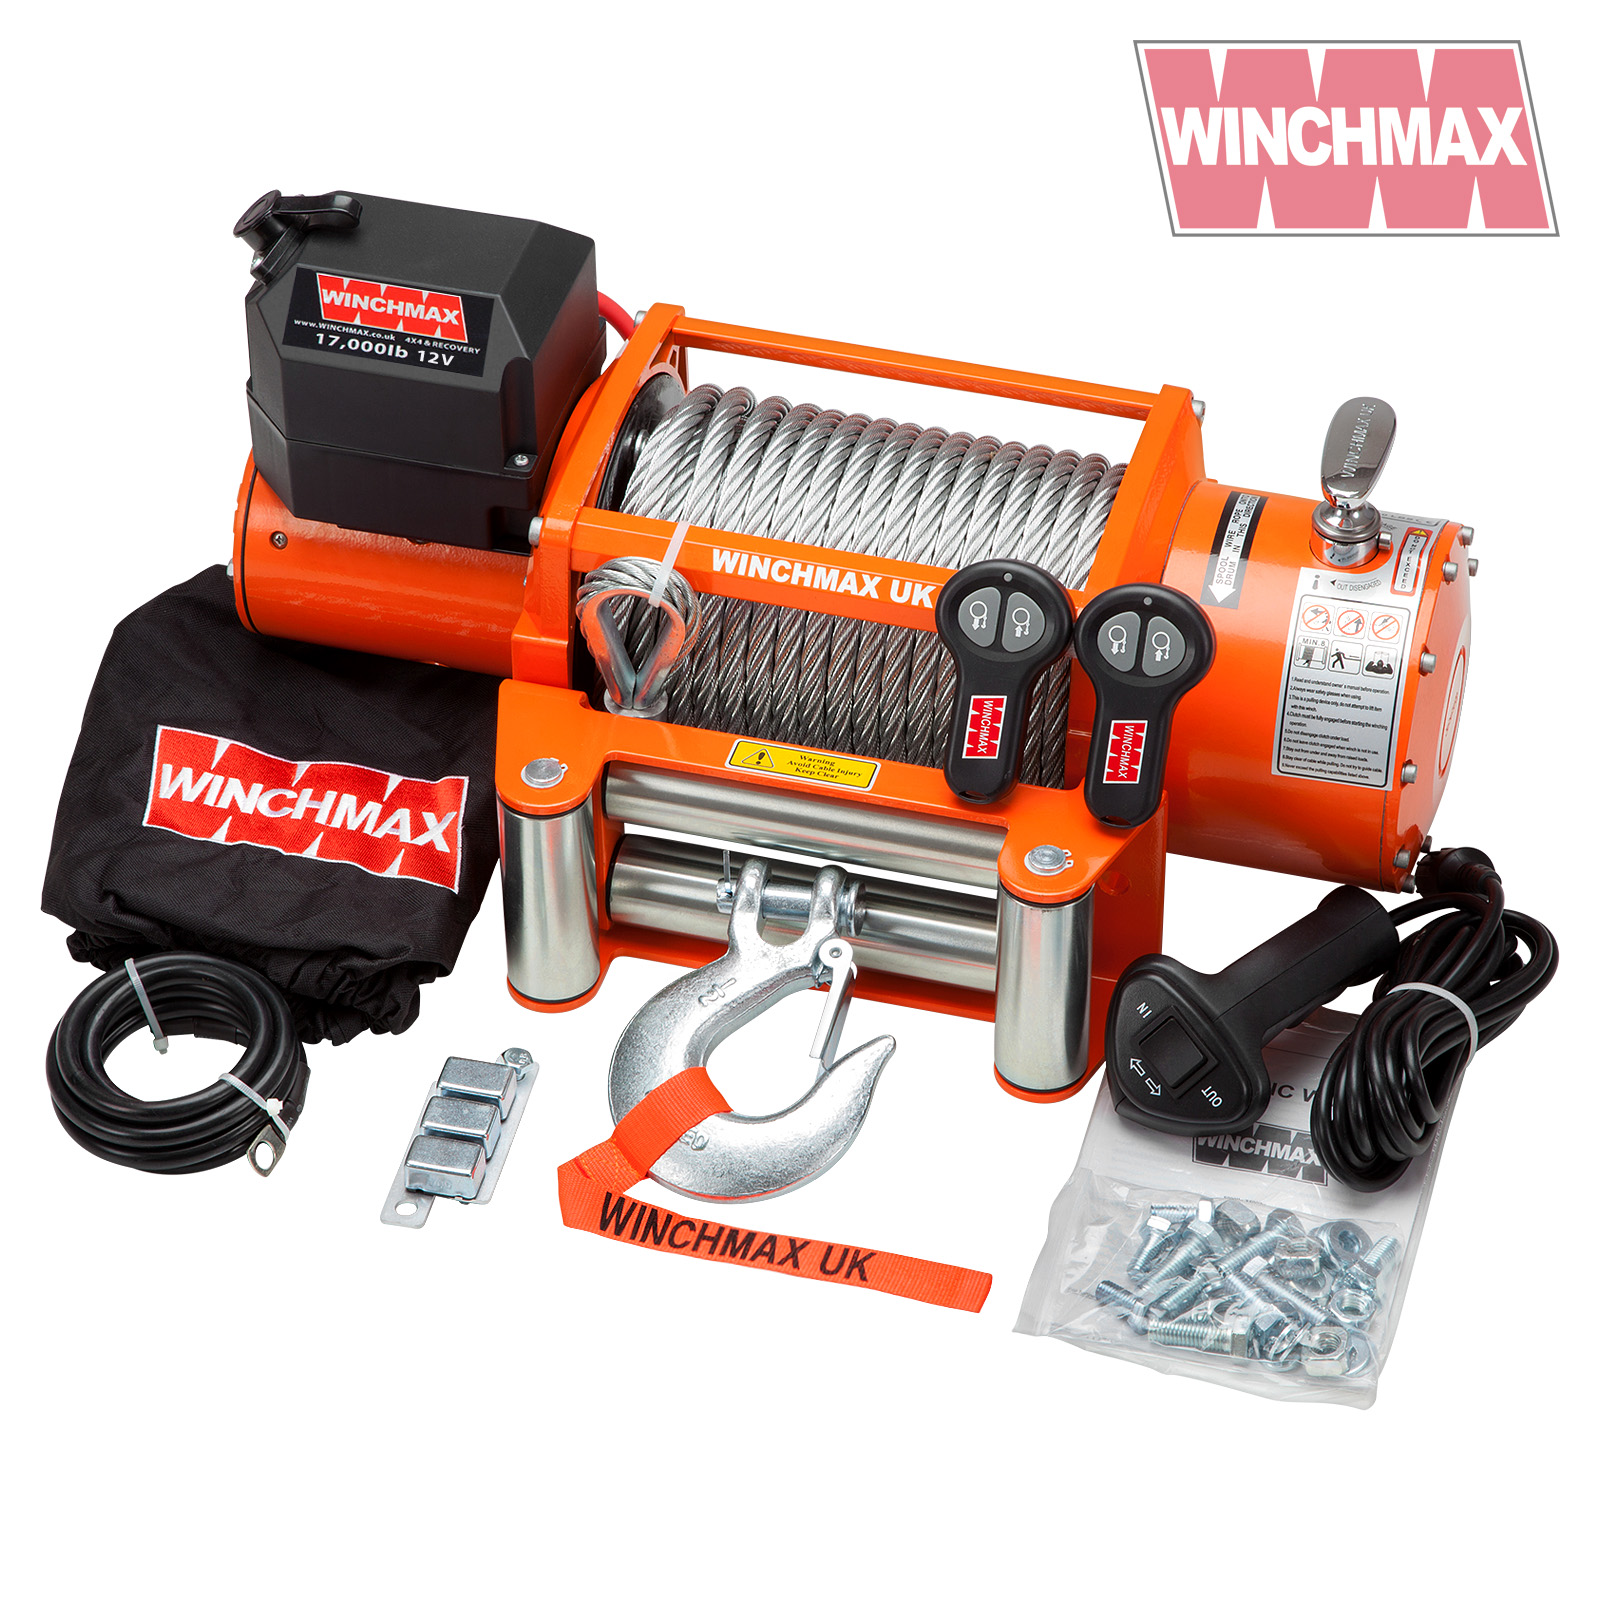 Wm1700024vr winchmax 291